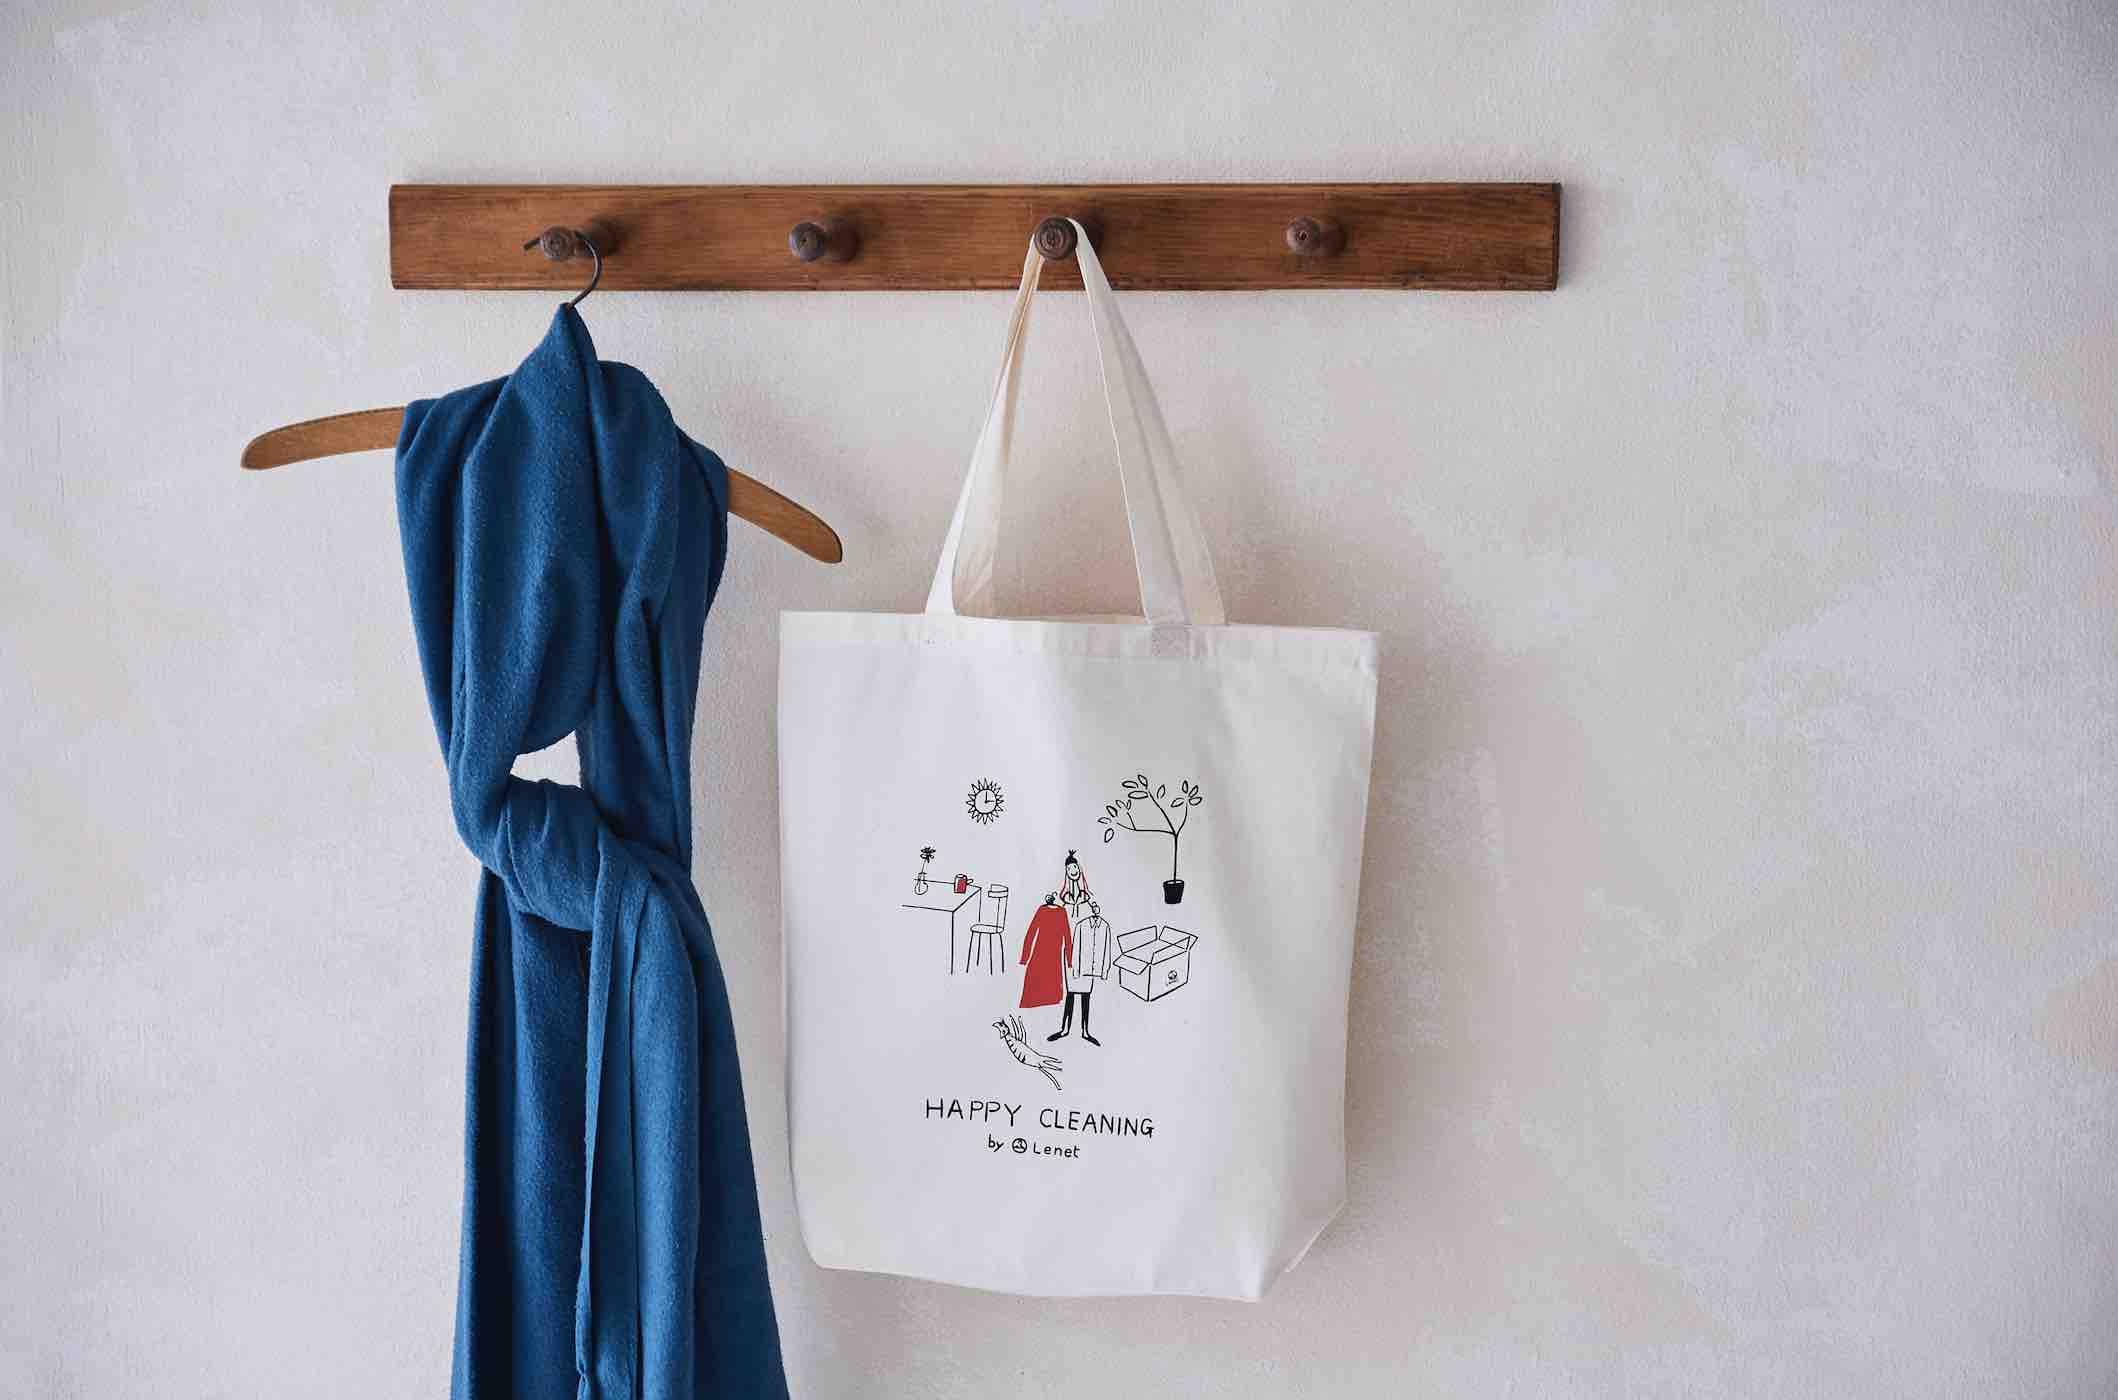 【リネットのプレゼント企画2021】ポストカードとA4トートバッグが当たる!Happy Cleaningキャンペーン